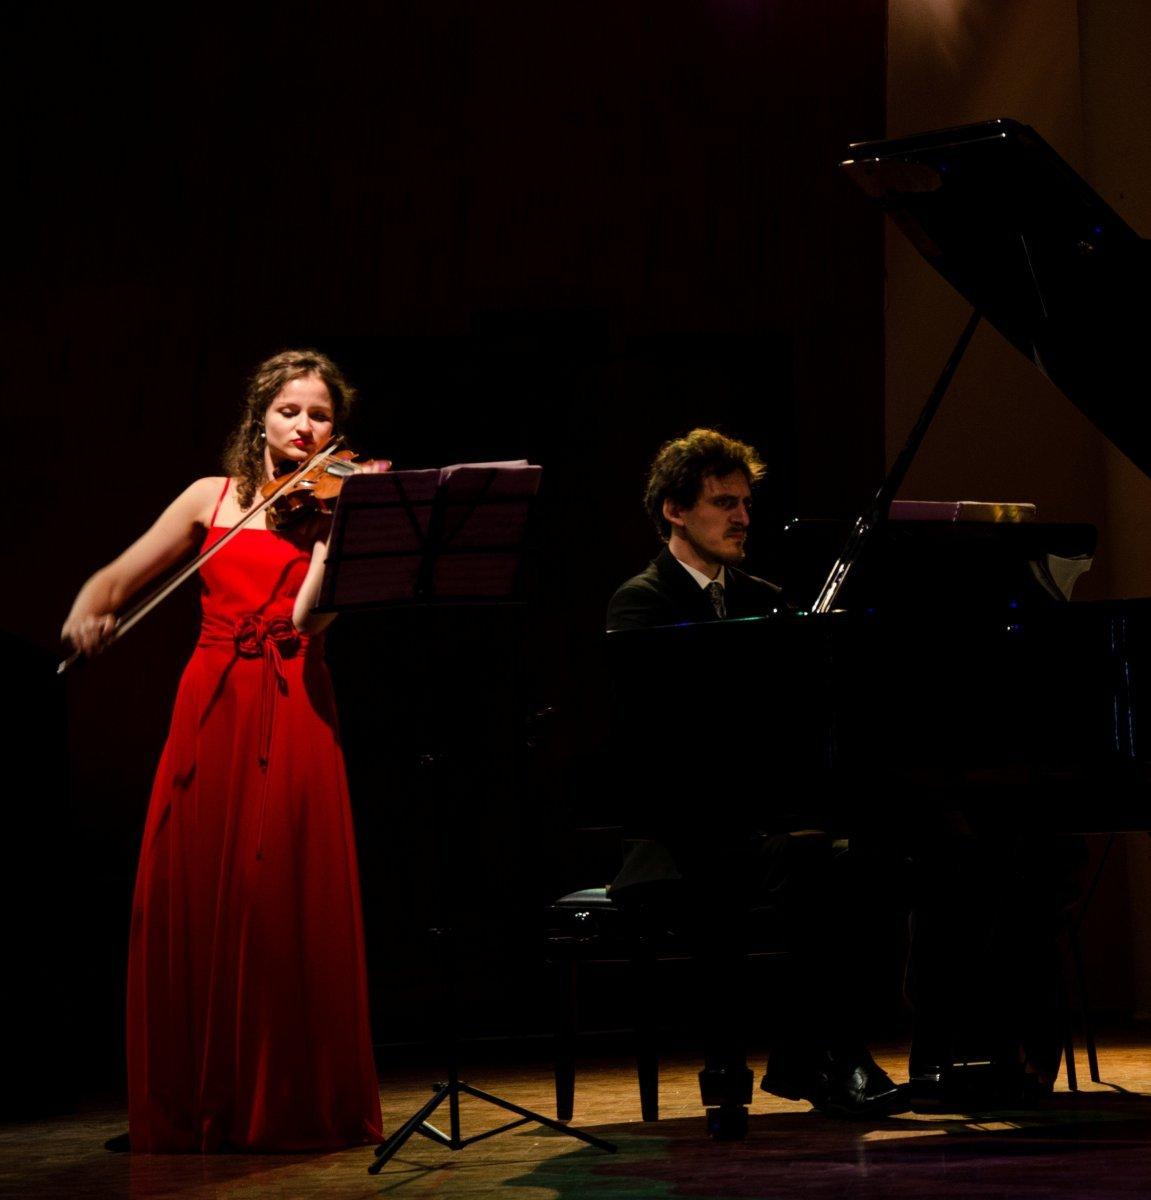 Teatro di Monfalcone, il duo Bortolotto-Andri lunedì chiude l'integrale delle Sonate per violino e pianoforte di Beethoven